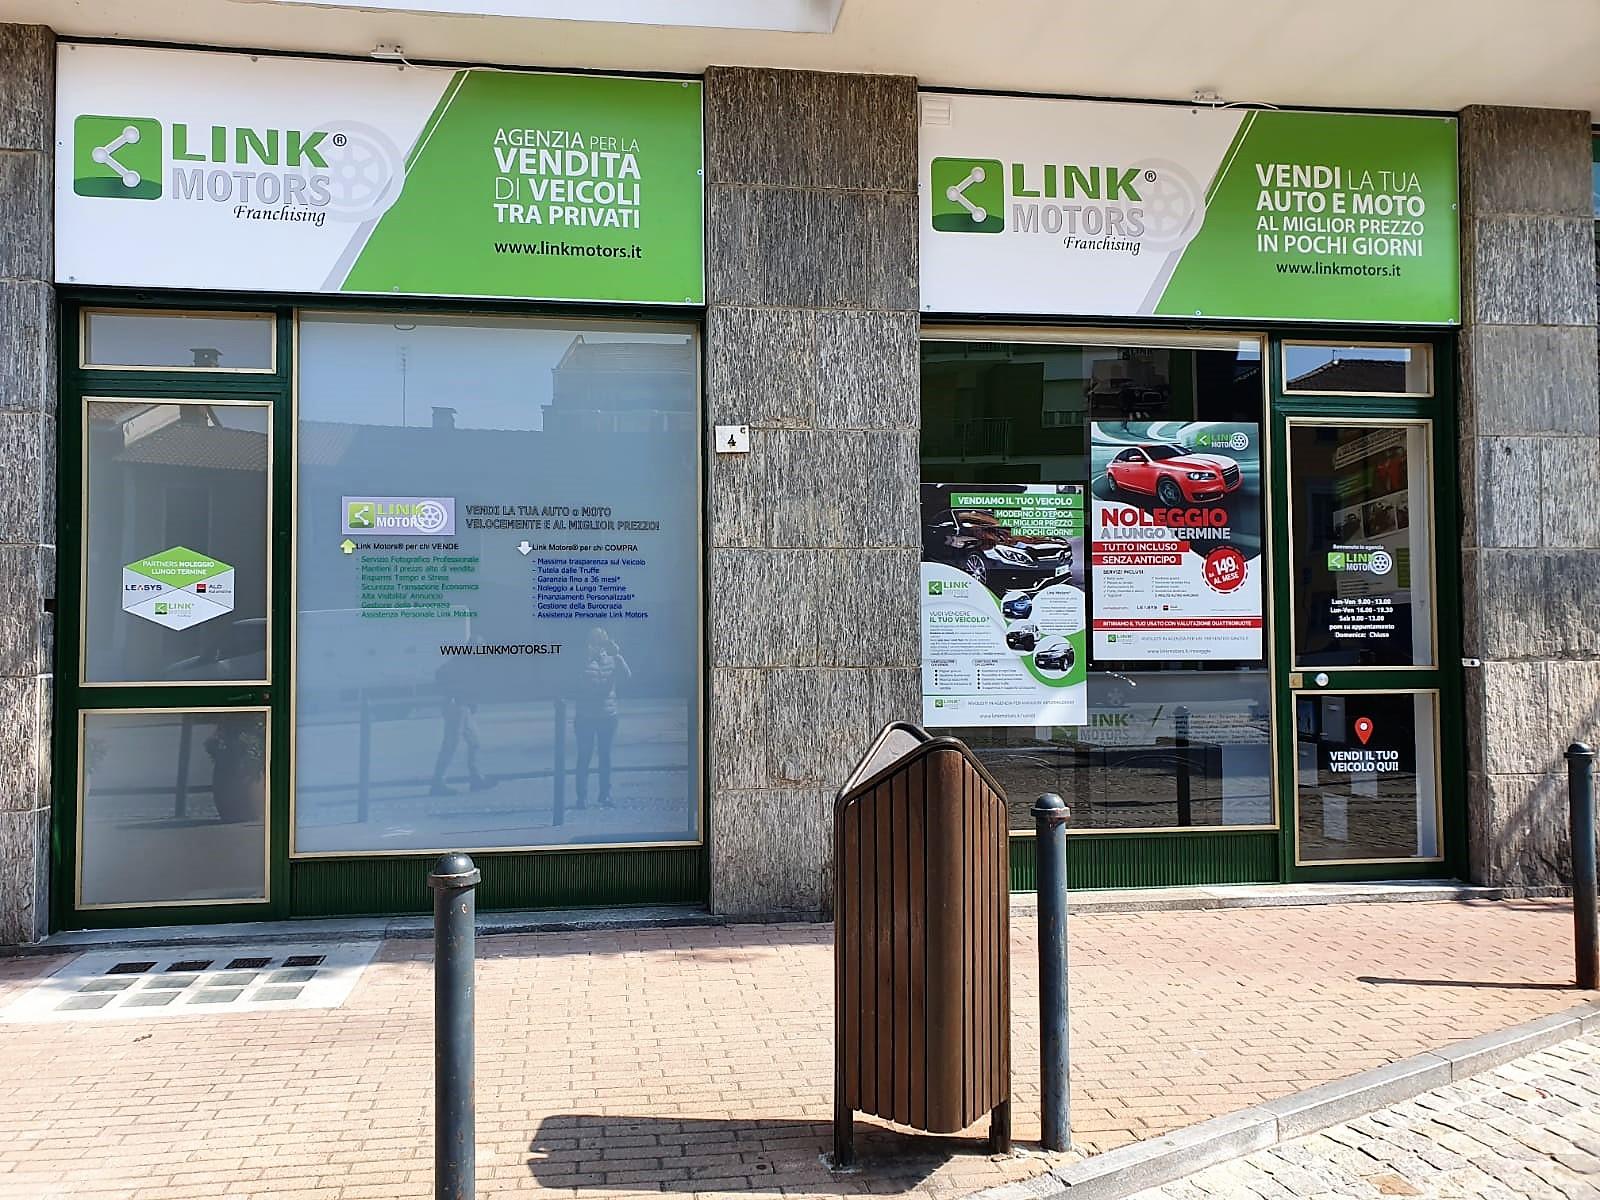 VOLKSWAGENPASSAT | Link Motors Franchising